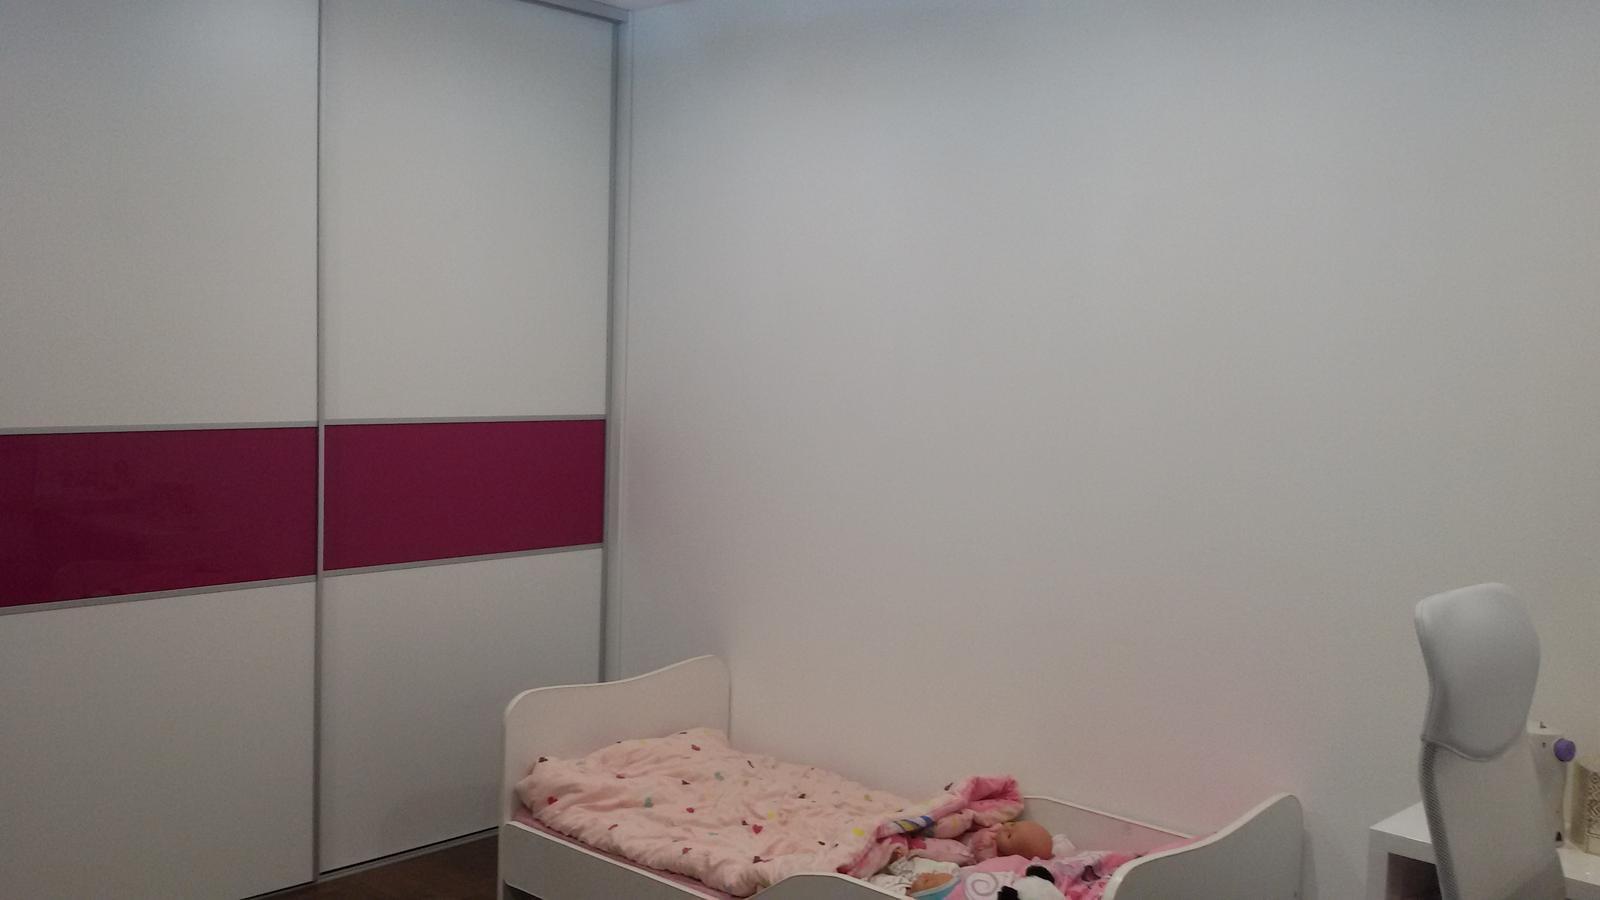 Inšpirovaný MUZOu - skriňa detska izba